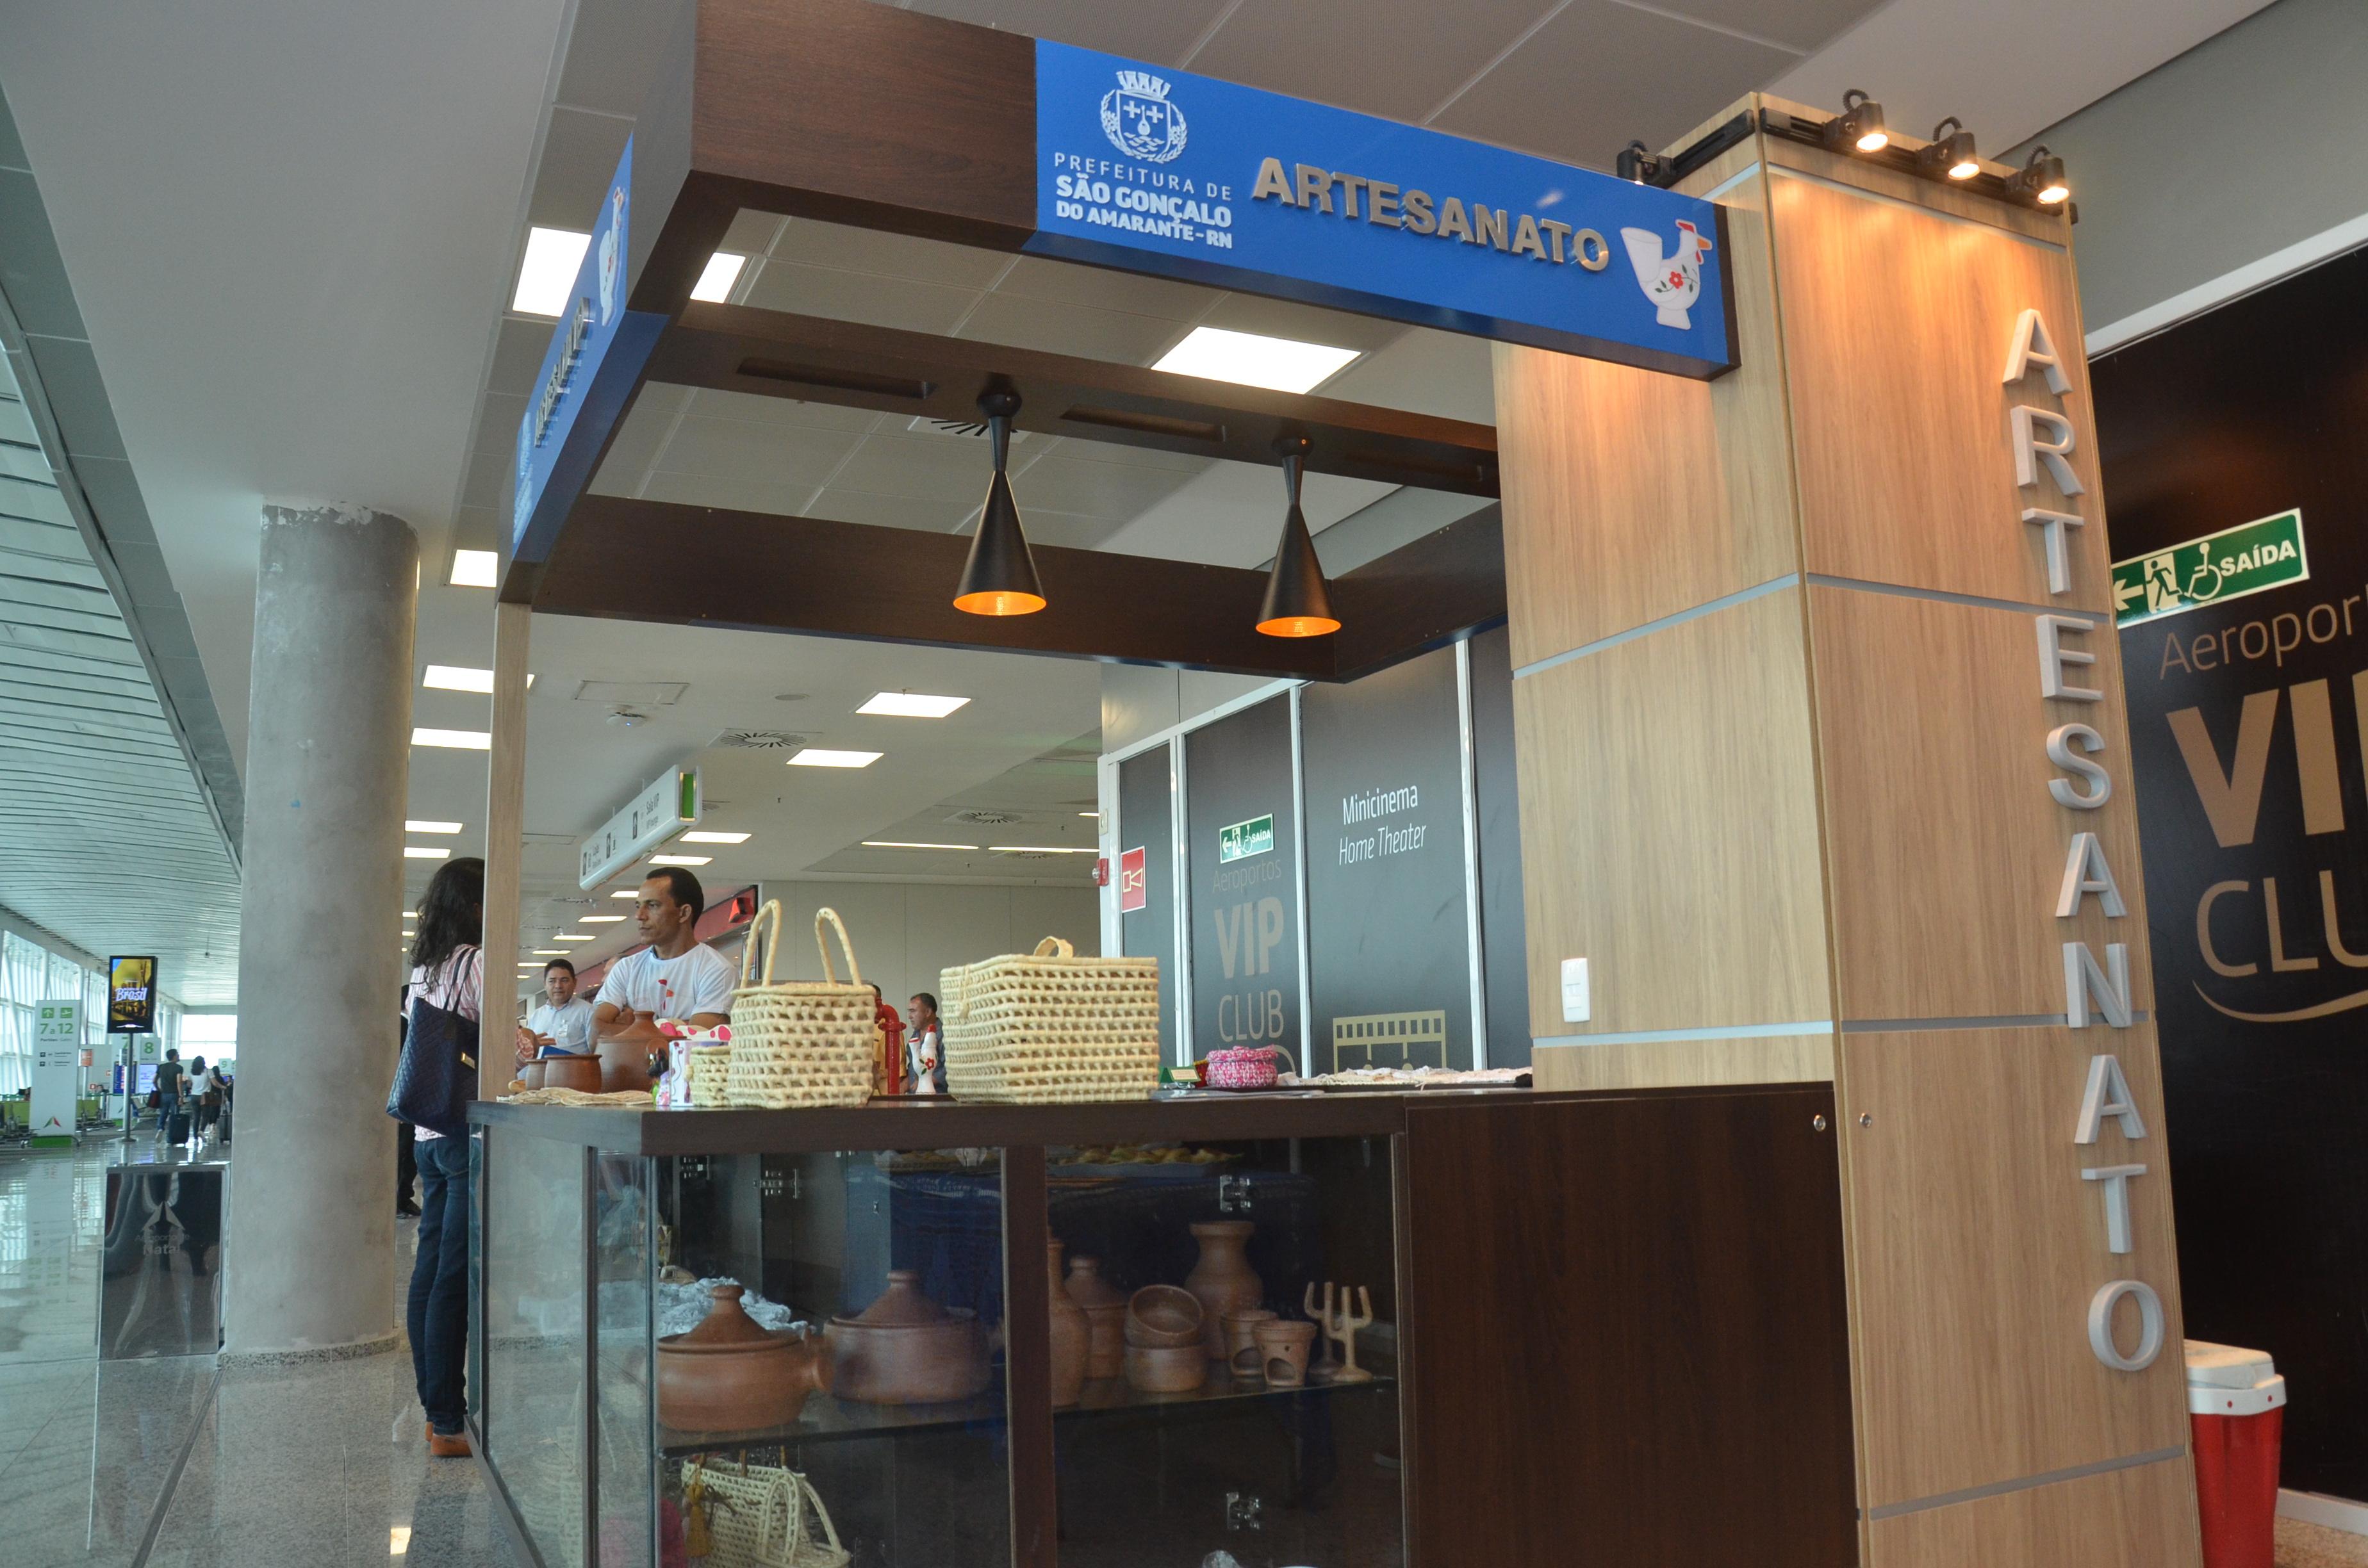 Prefeitura Municipal realiza entrega de quiosque de artesanato no Aeroporto Internacional Aluízio Alves